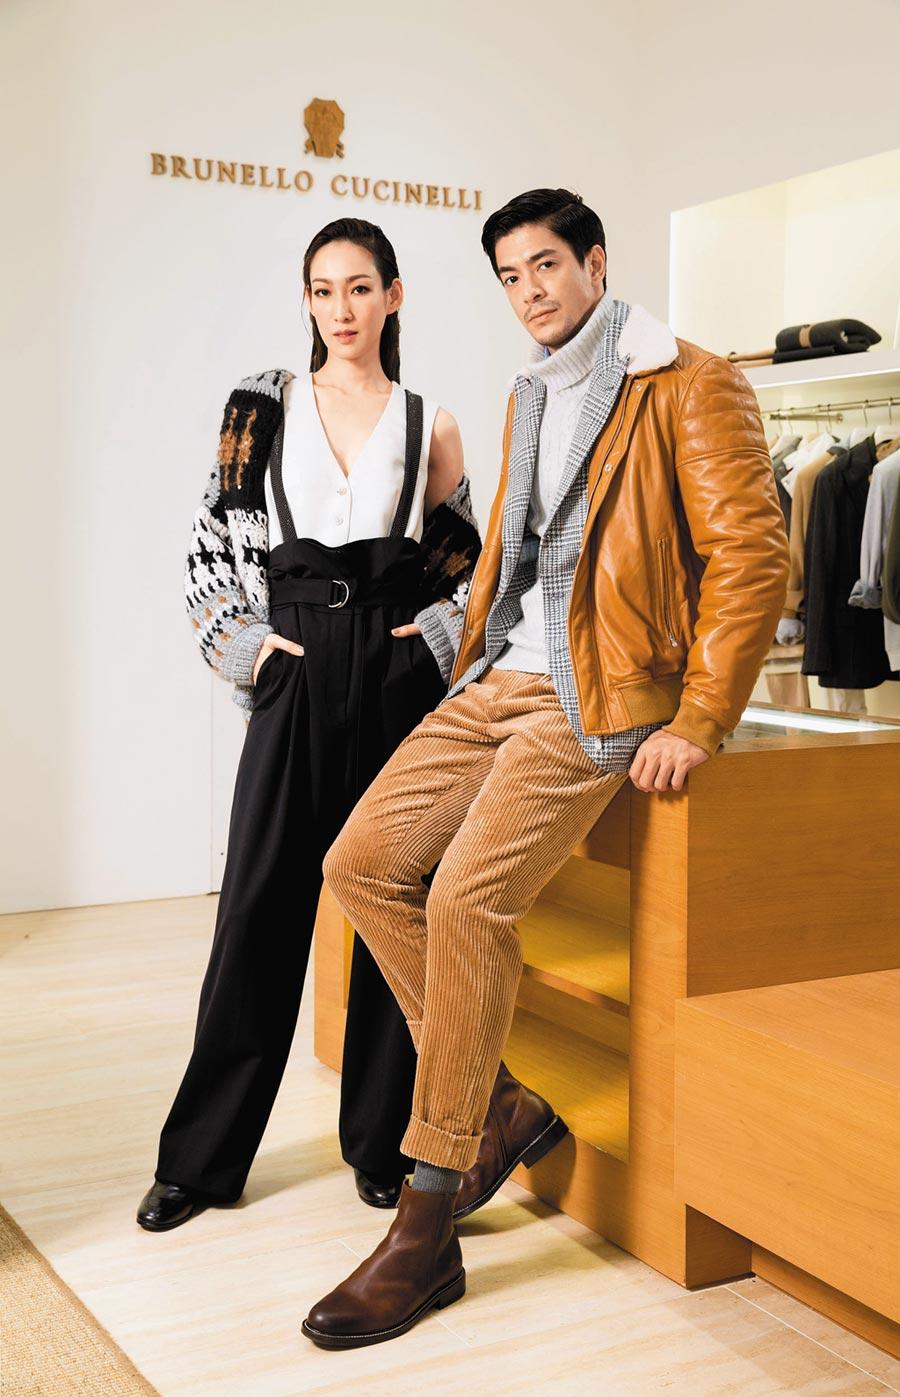 Brunello Cucinelli發表秋冬新裝,從細節展現品牌玩布和紡織工藝的功力。(Brunello Cucinelli提供)